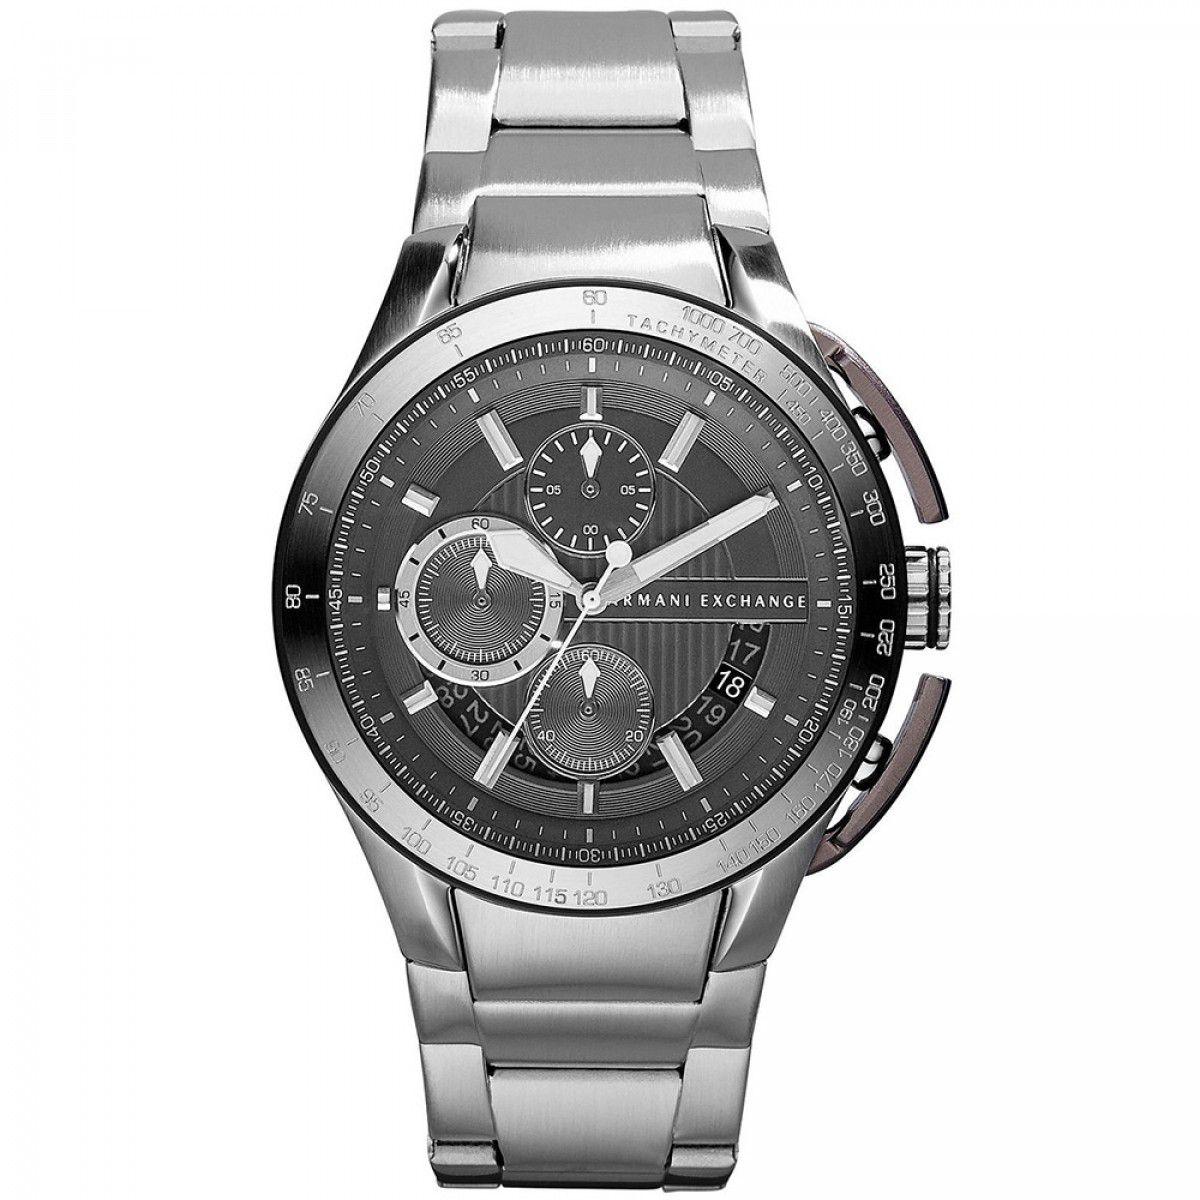 Relógio Armani Exchange Masculino AX1403/1PN Prata